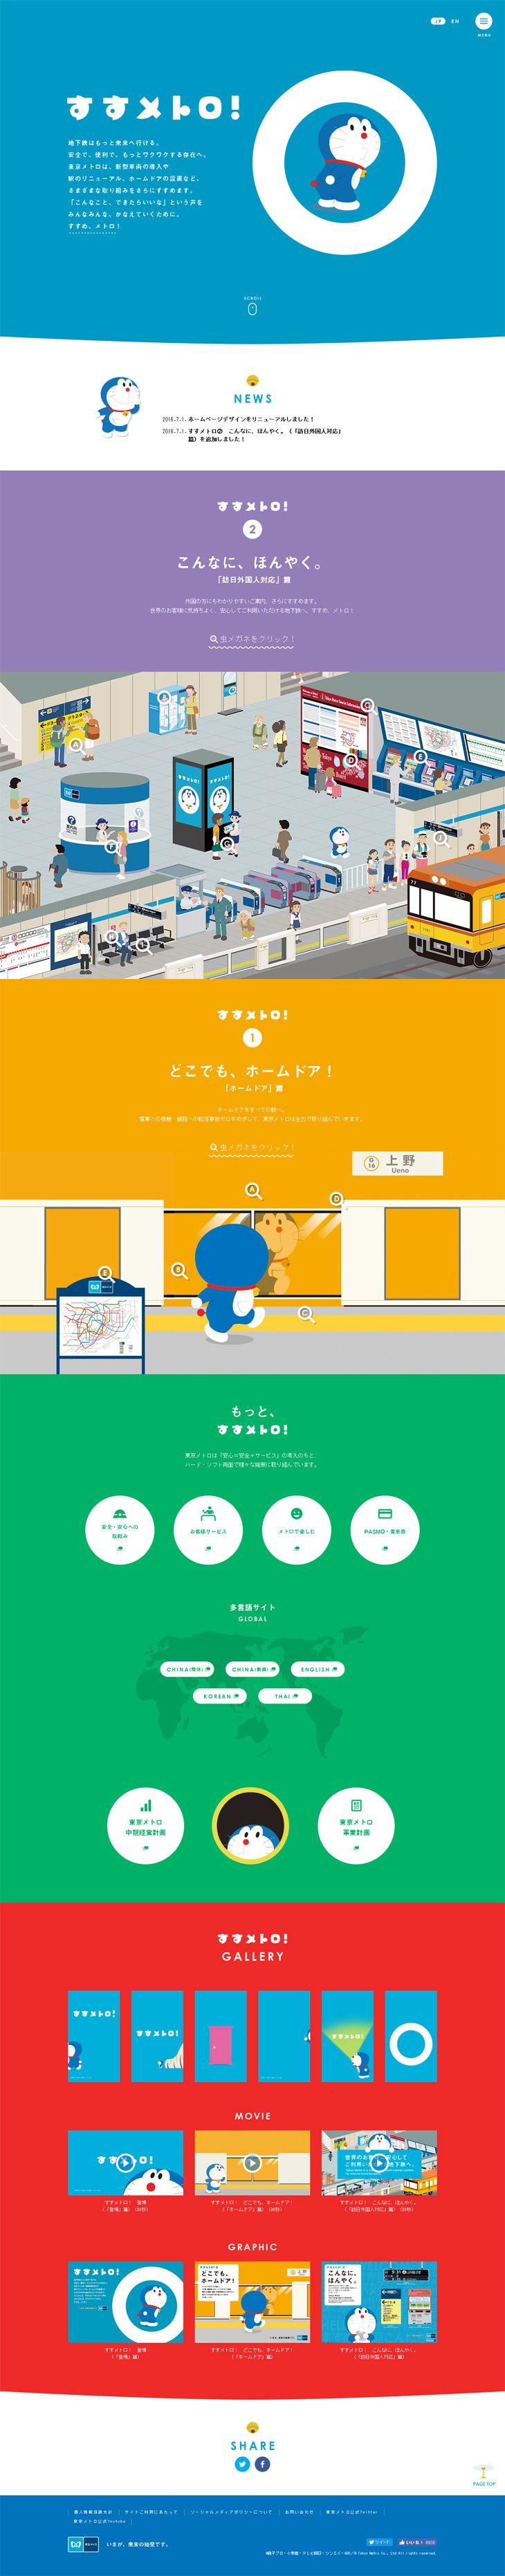 すすメトロ【サービス関連】のLPデザイン。WEBデザイナーさん必見!ランディングページのデザイン参考に(かわいい系)